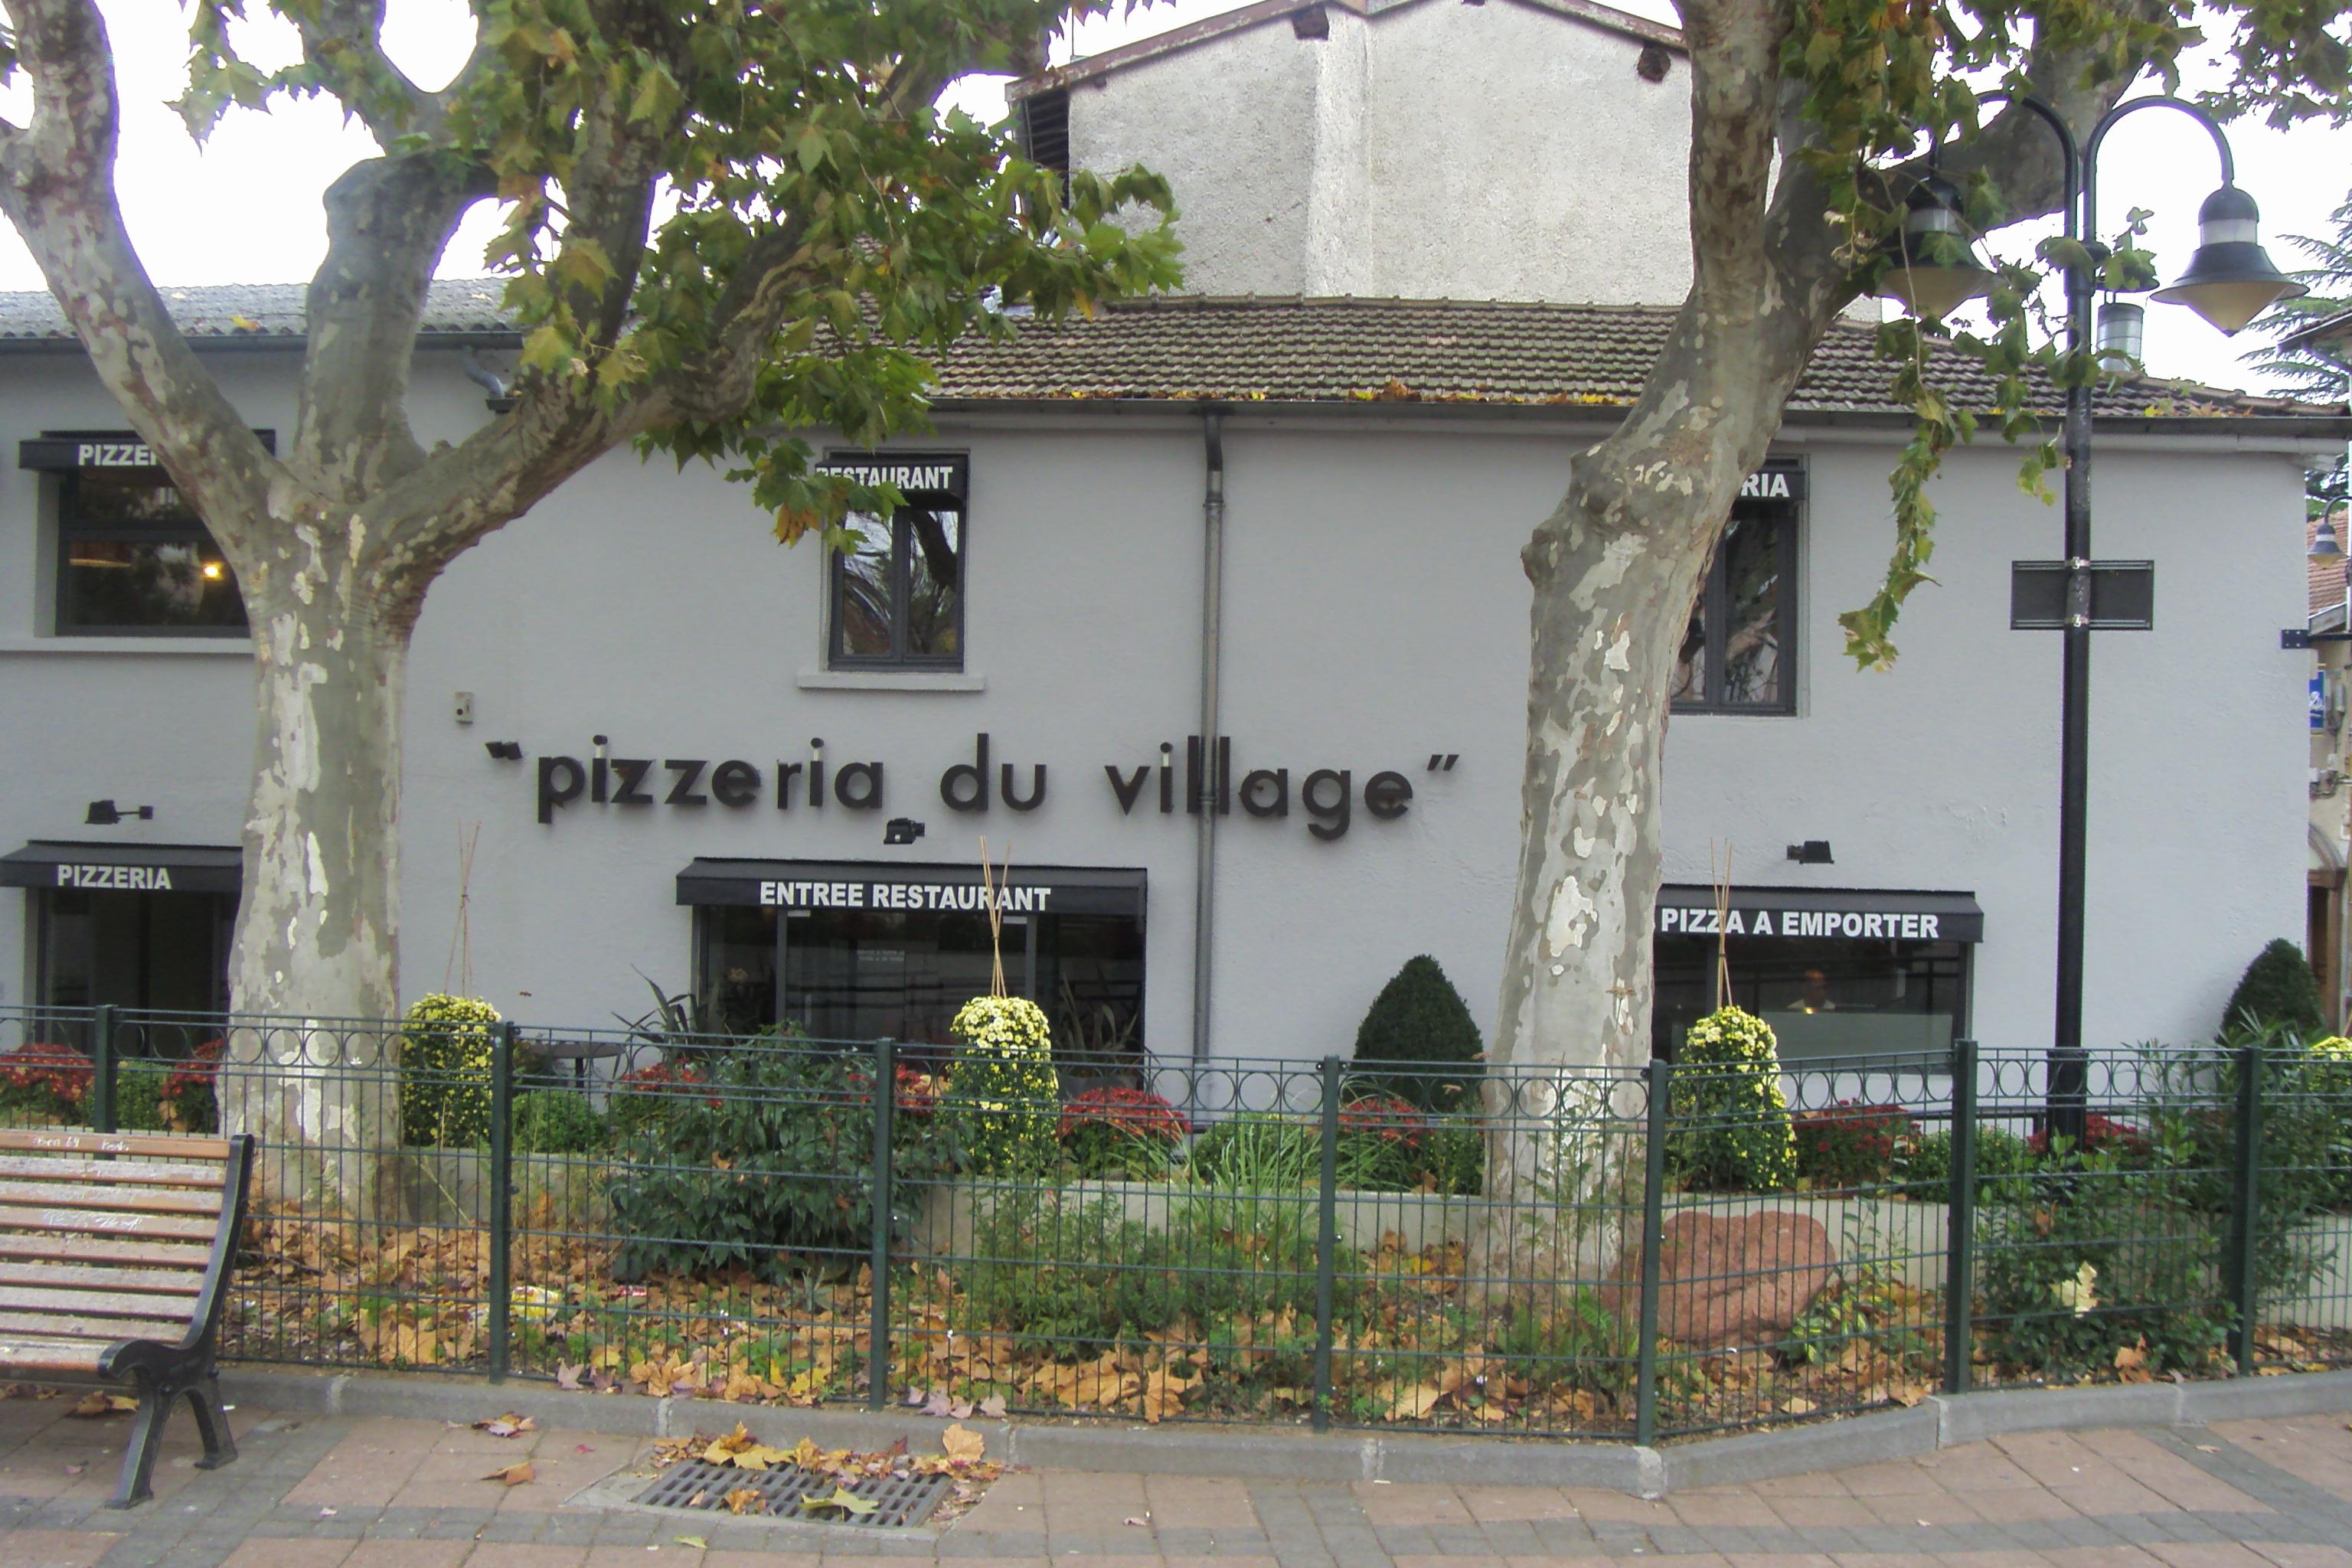 Pizzeria du village restaurant fran aise saint priest 69800 - Stock cuisine saint priest ...